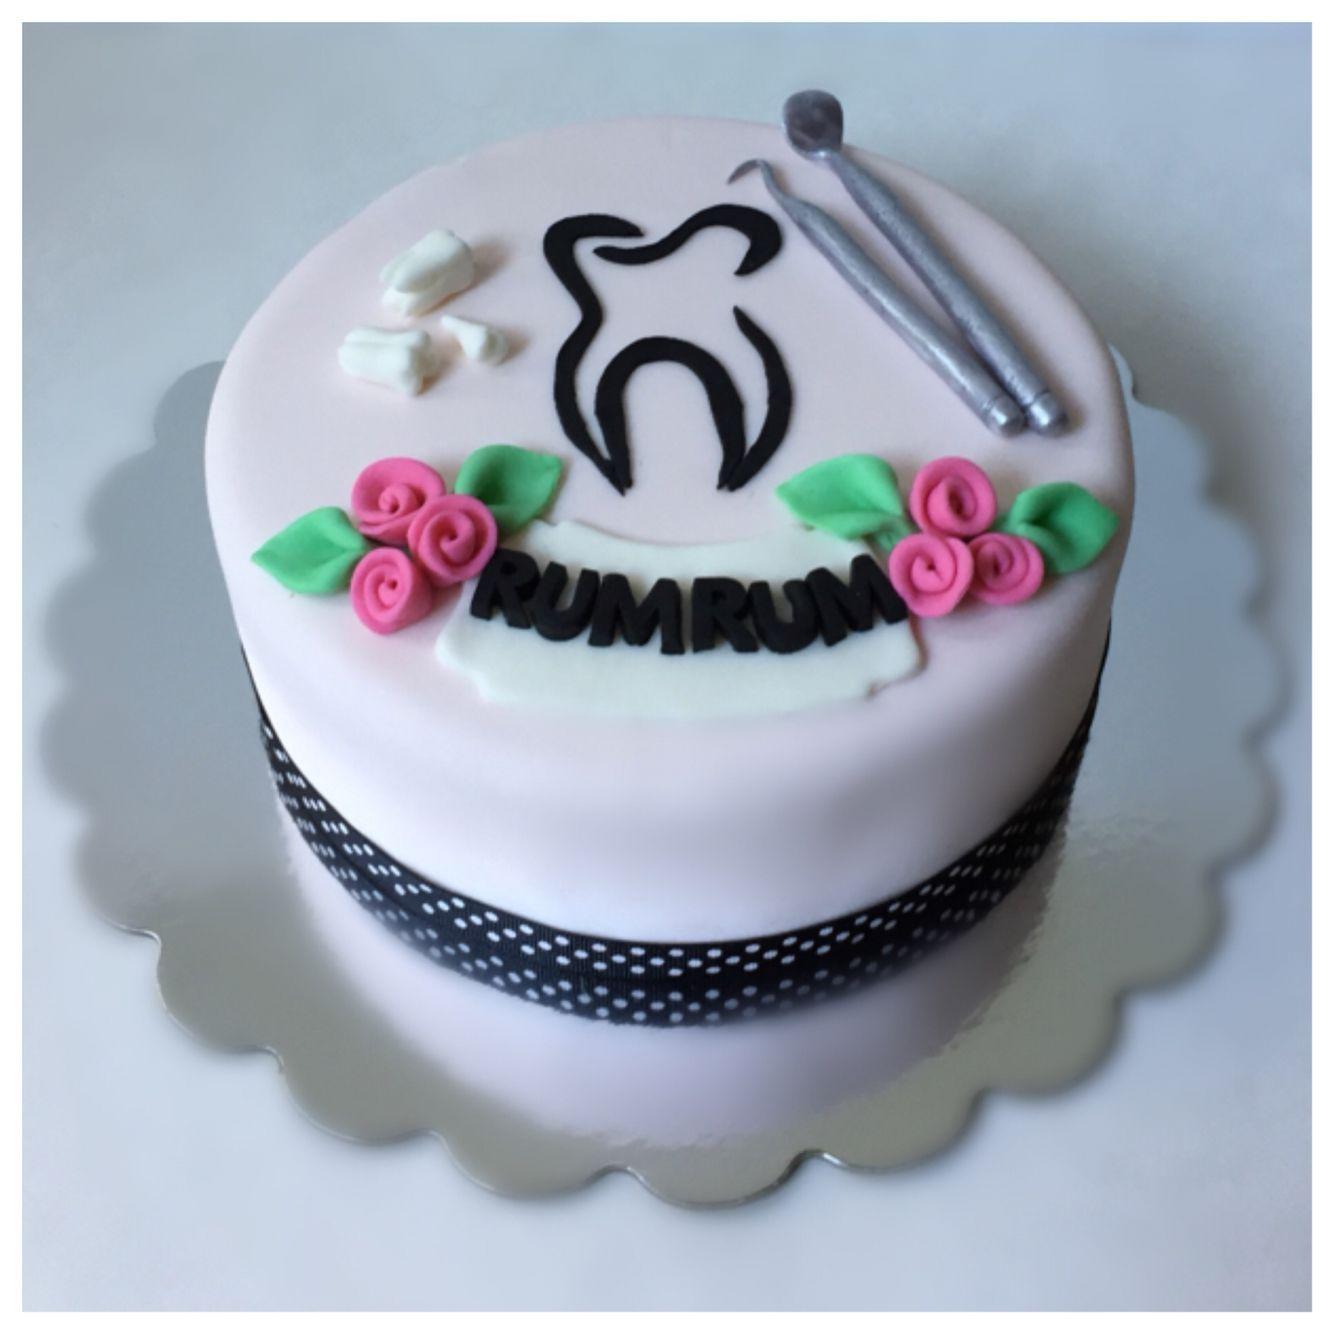 Dentist Birthday Cake